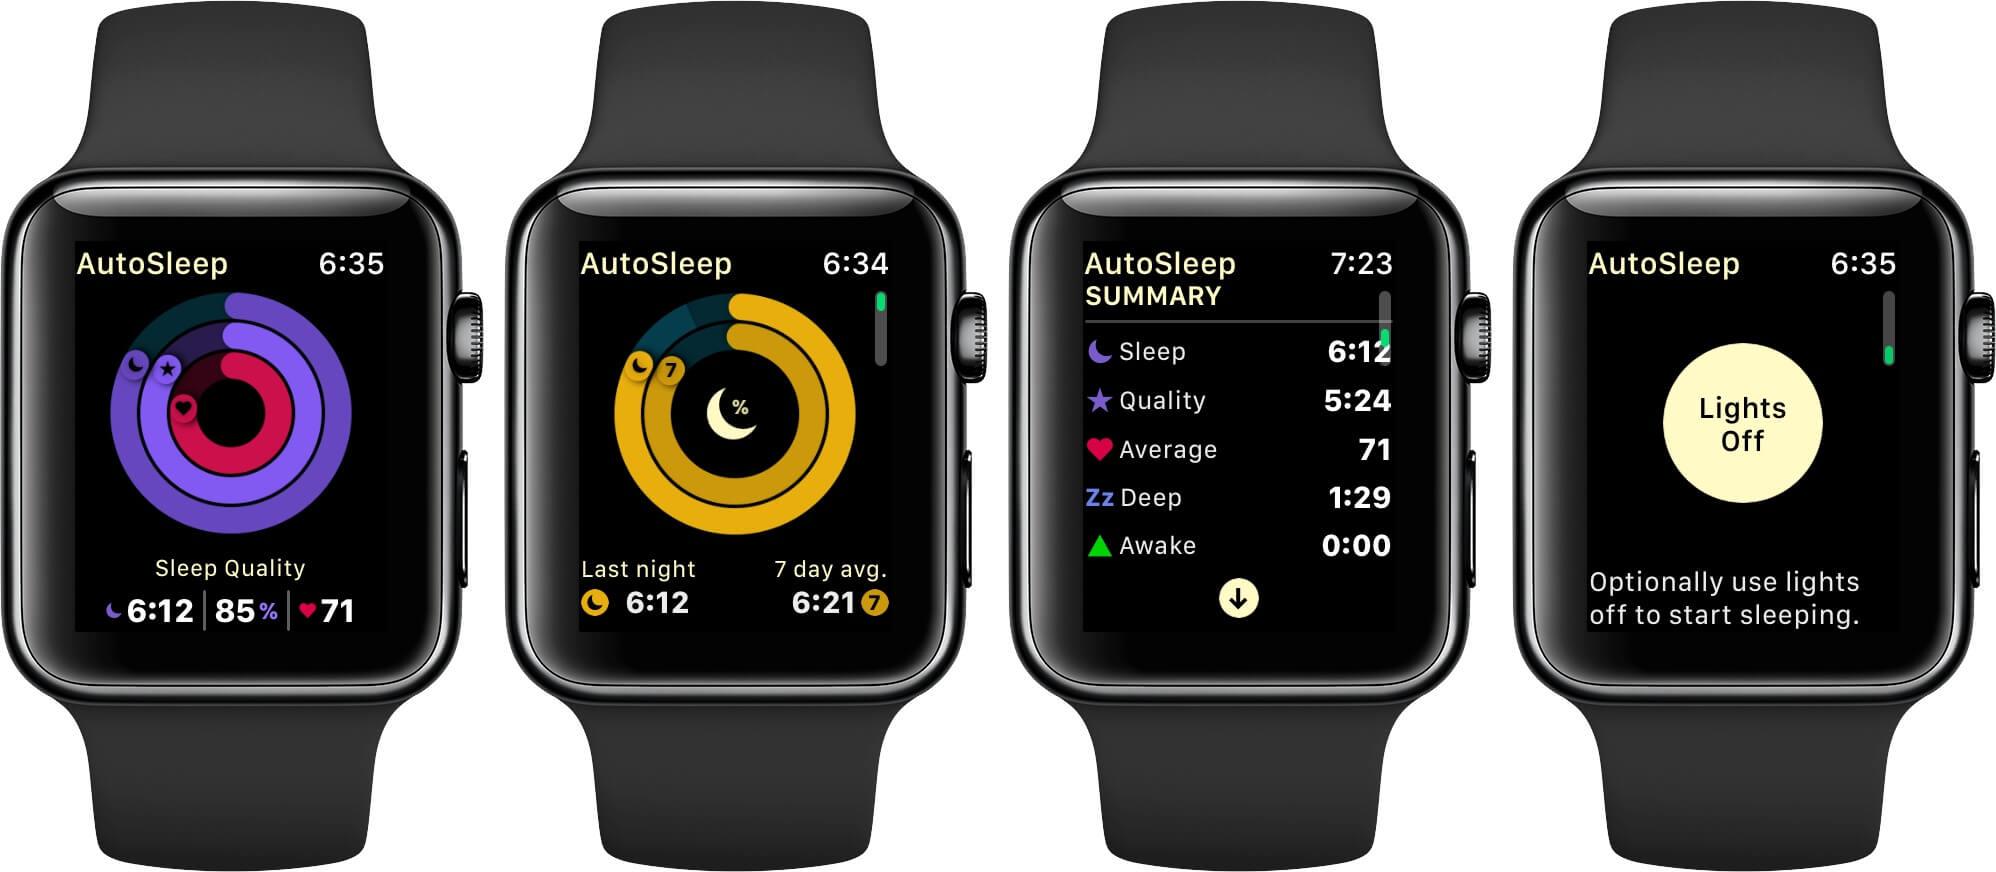 Các Công cụ có sẵn trong Apple Watch S6- AutoSleep